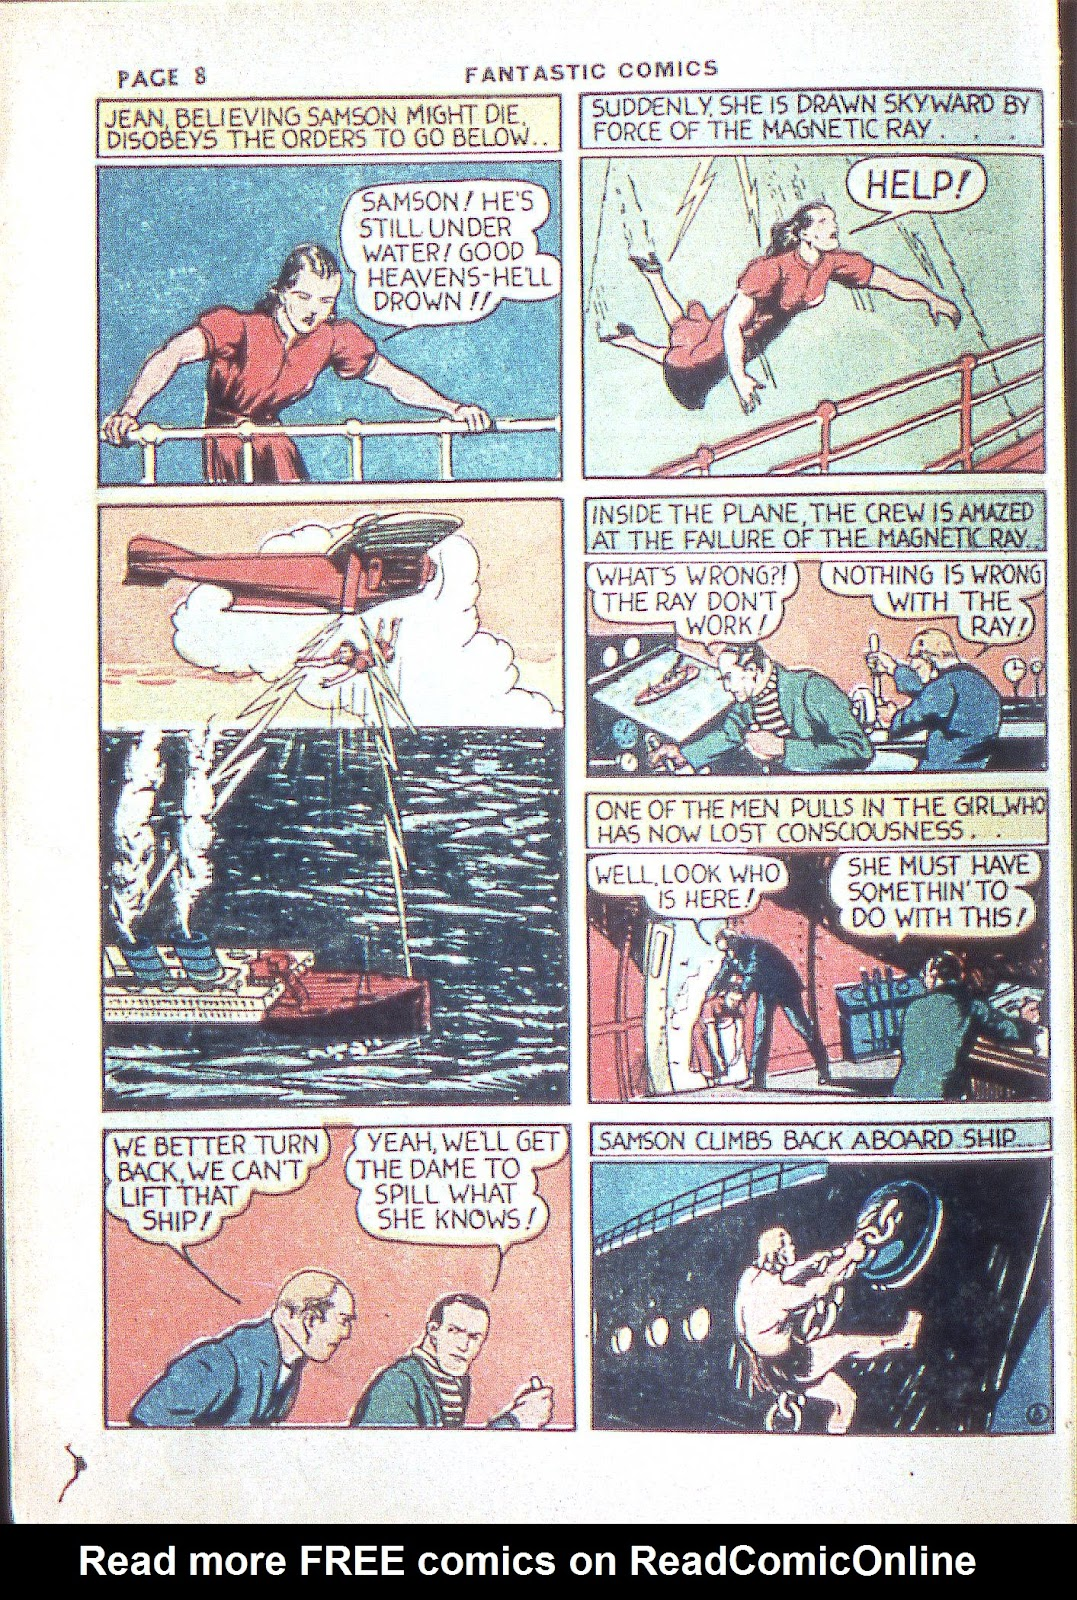 Read online Fantastic Comics comic -  Issue #3 - 11